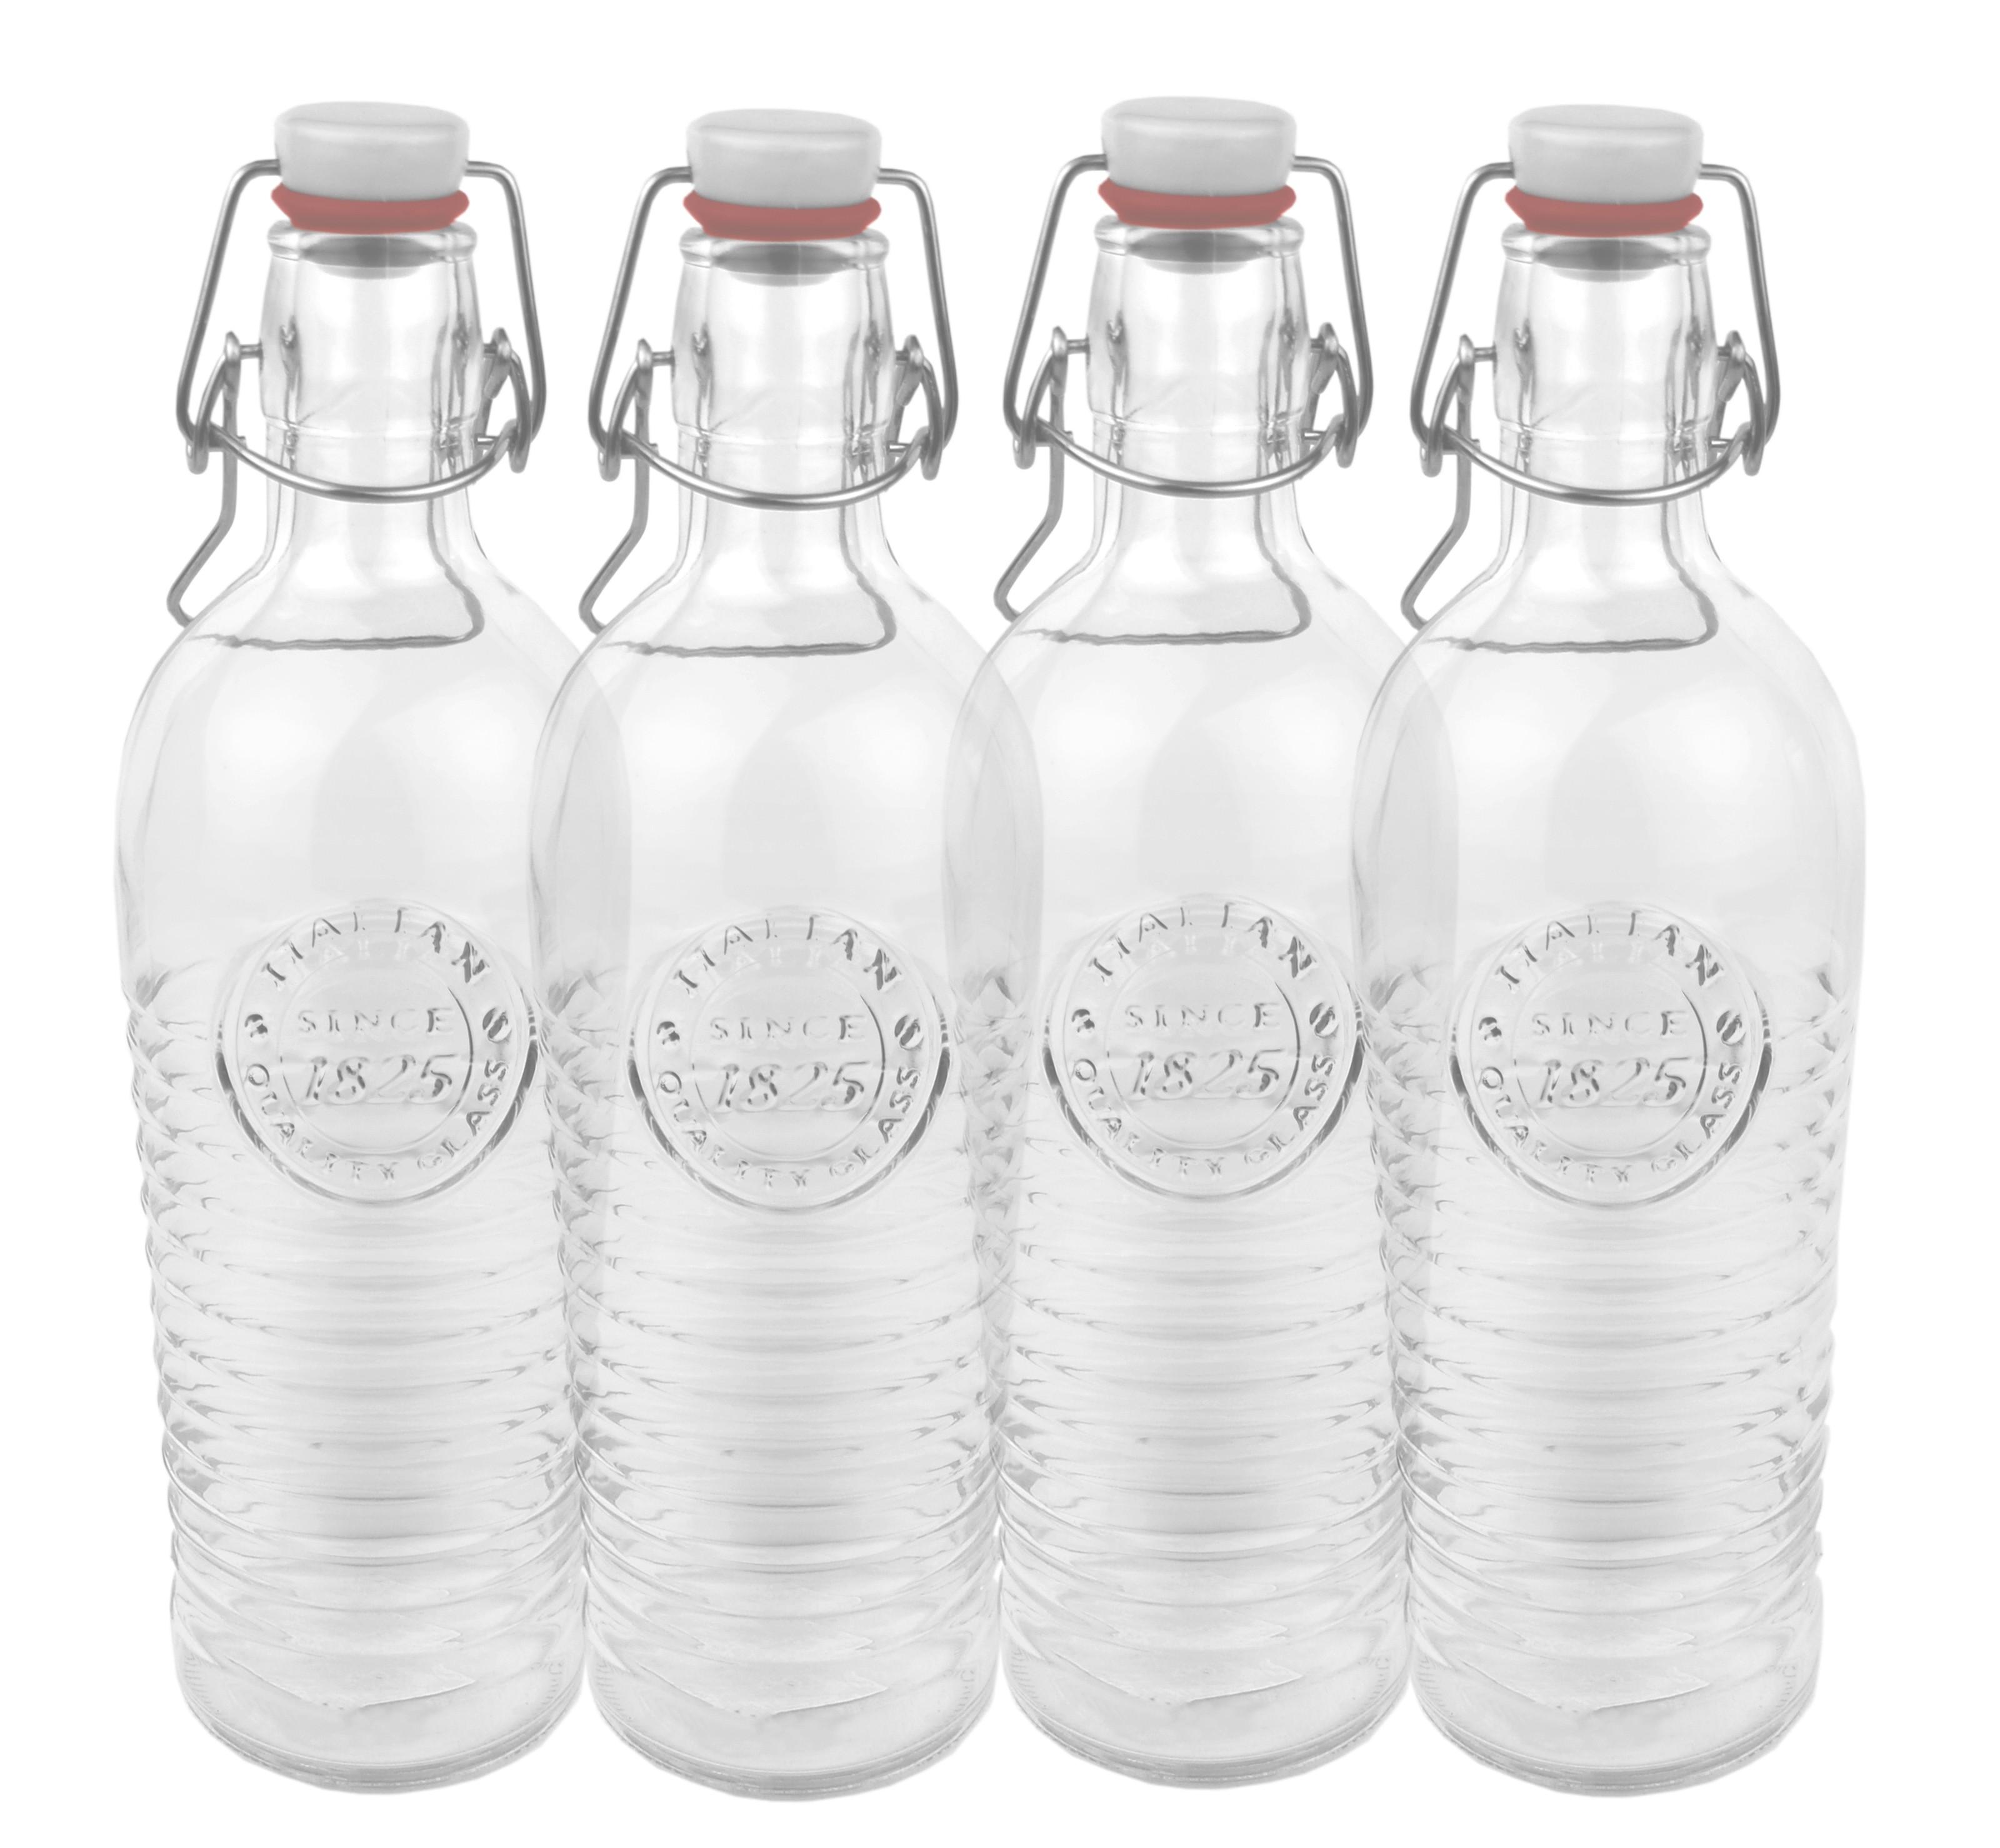 4er set glasflasche officina 1825 geriffelte 1 2 liter flasche mit b gelverschluss und relief. Black Bedroom Furniture Sets. Home Design Ideas